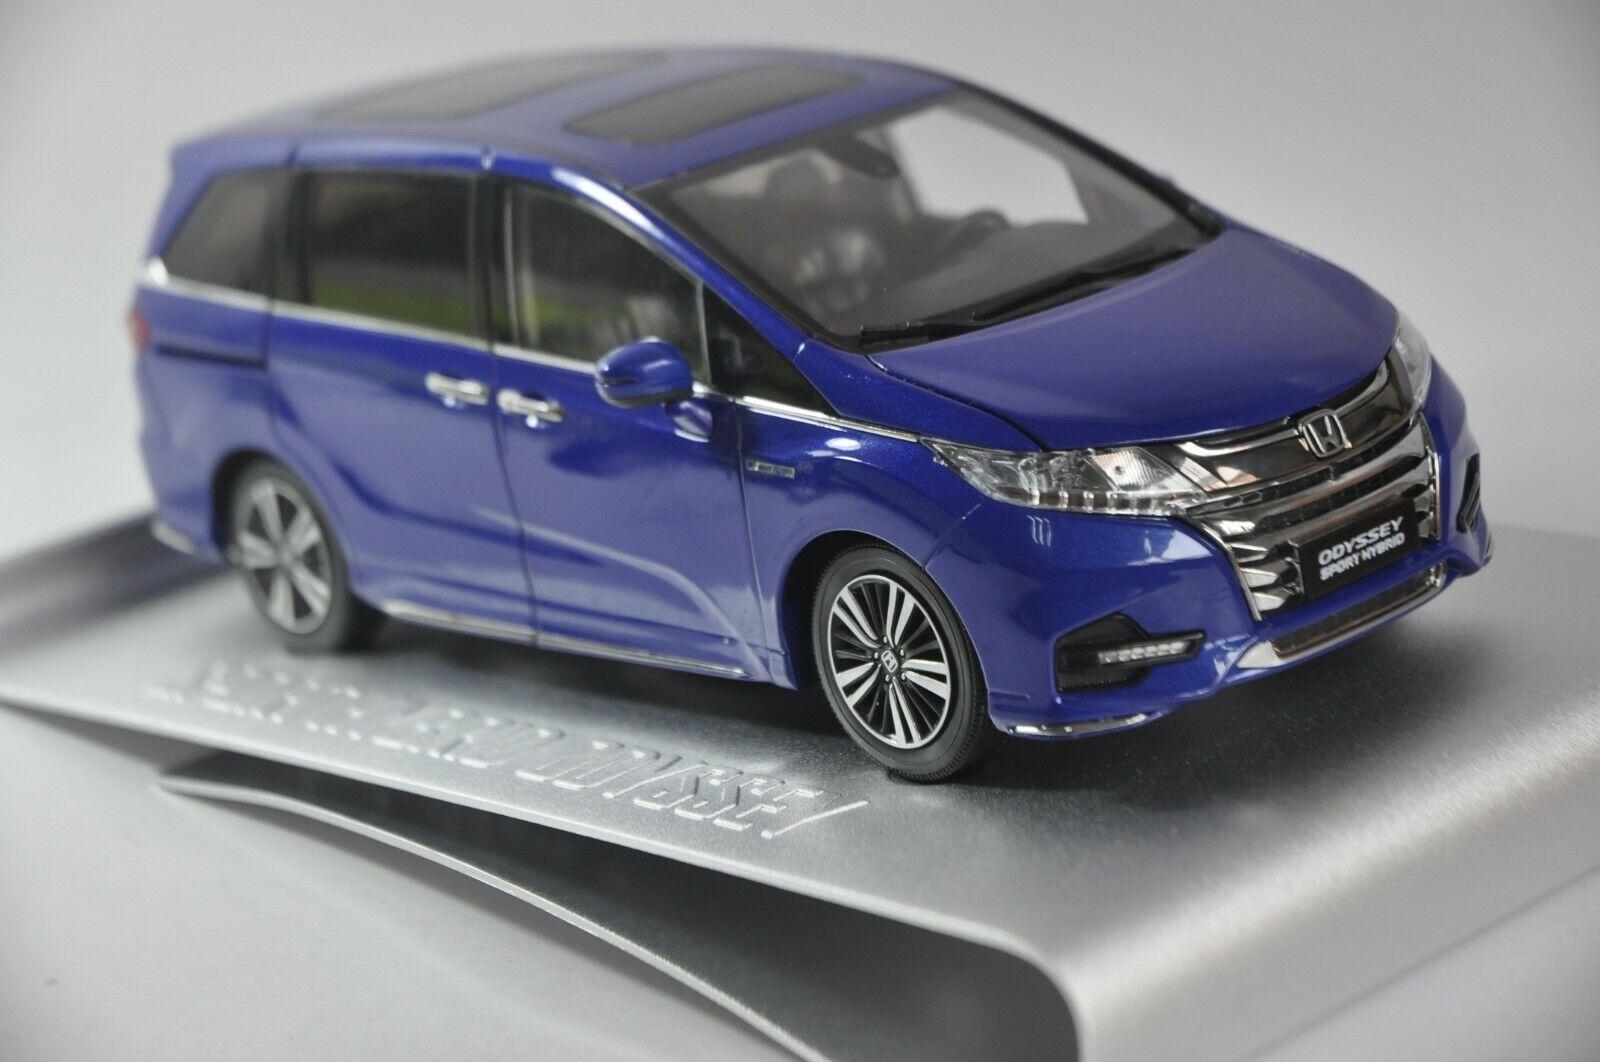 Honda Odyssey sport hybride 2019 modèle de voiture  en échelle 1 18 Bleu  sortie de marque